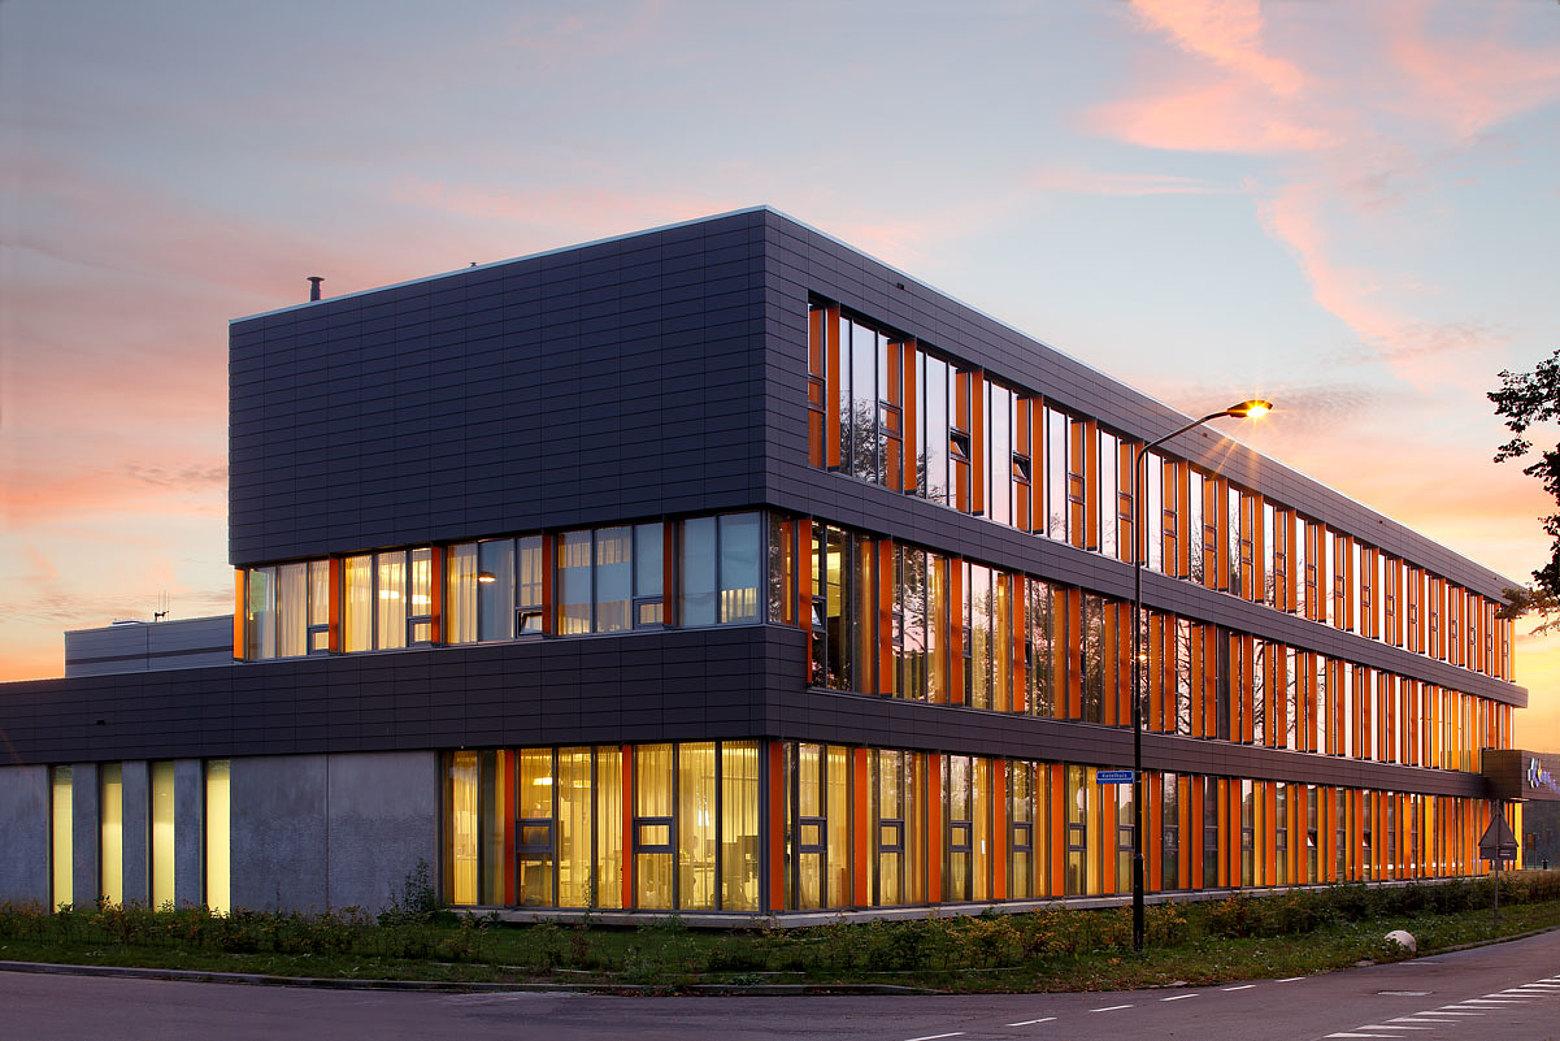 Fassade in Pfosten-Riegel Konstruktion und verglaste Eingangstüren aus Stahl mit Wärmedämmung. Profilsystem: forster thermfix vario und forster unico. Polizeistation Doetinchem, Niederlande